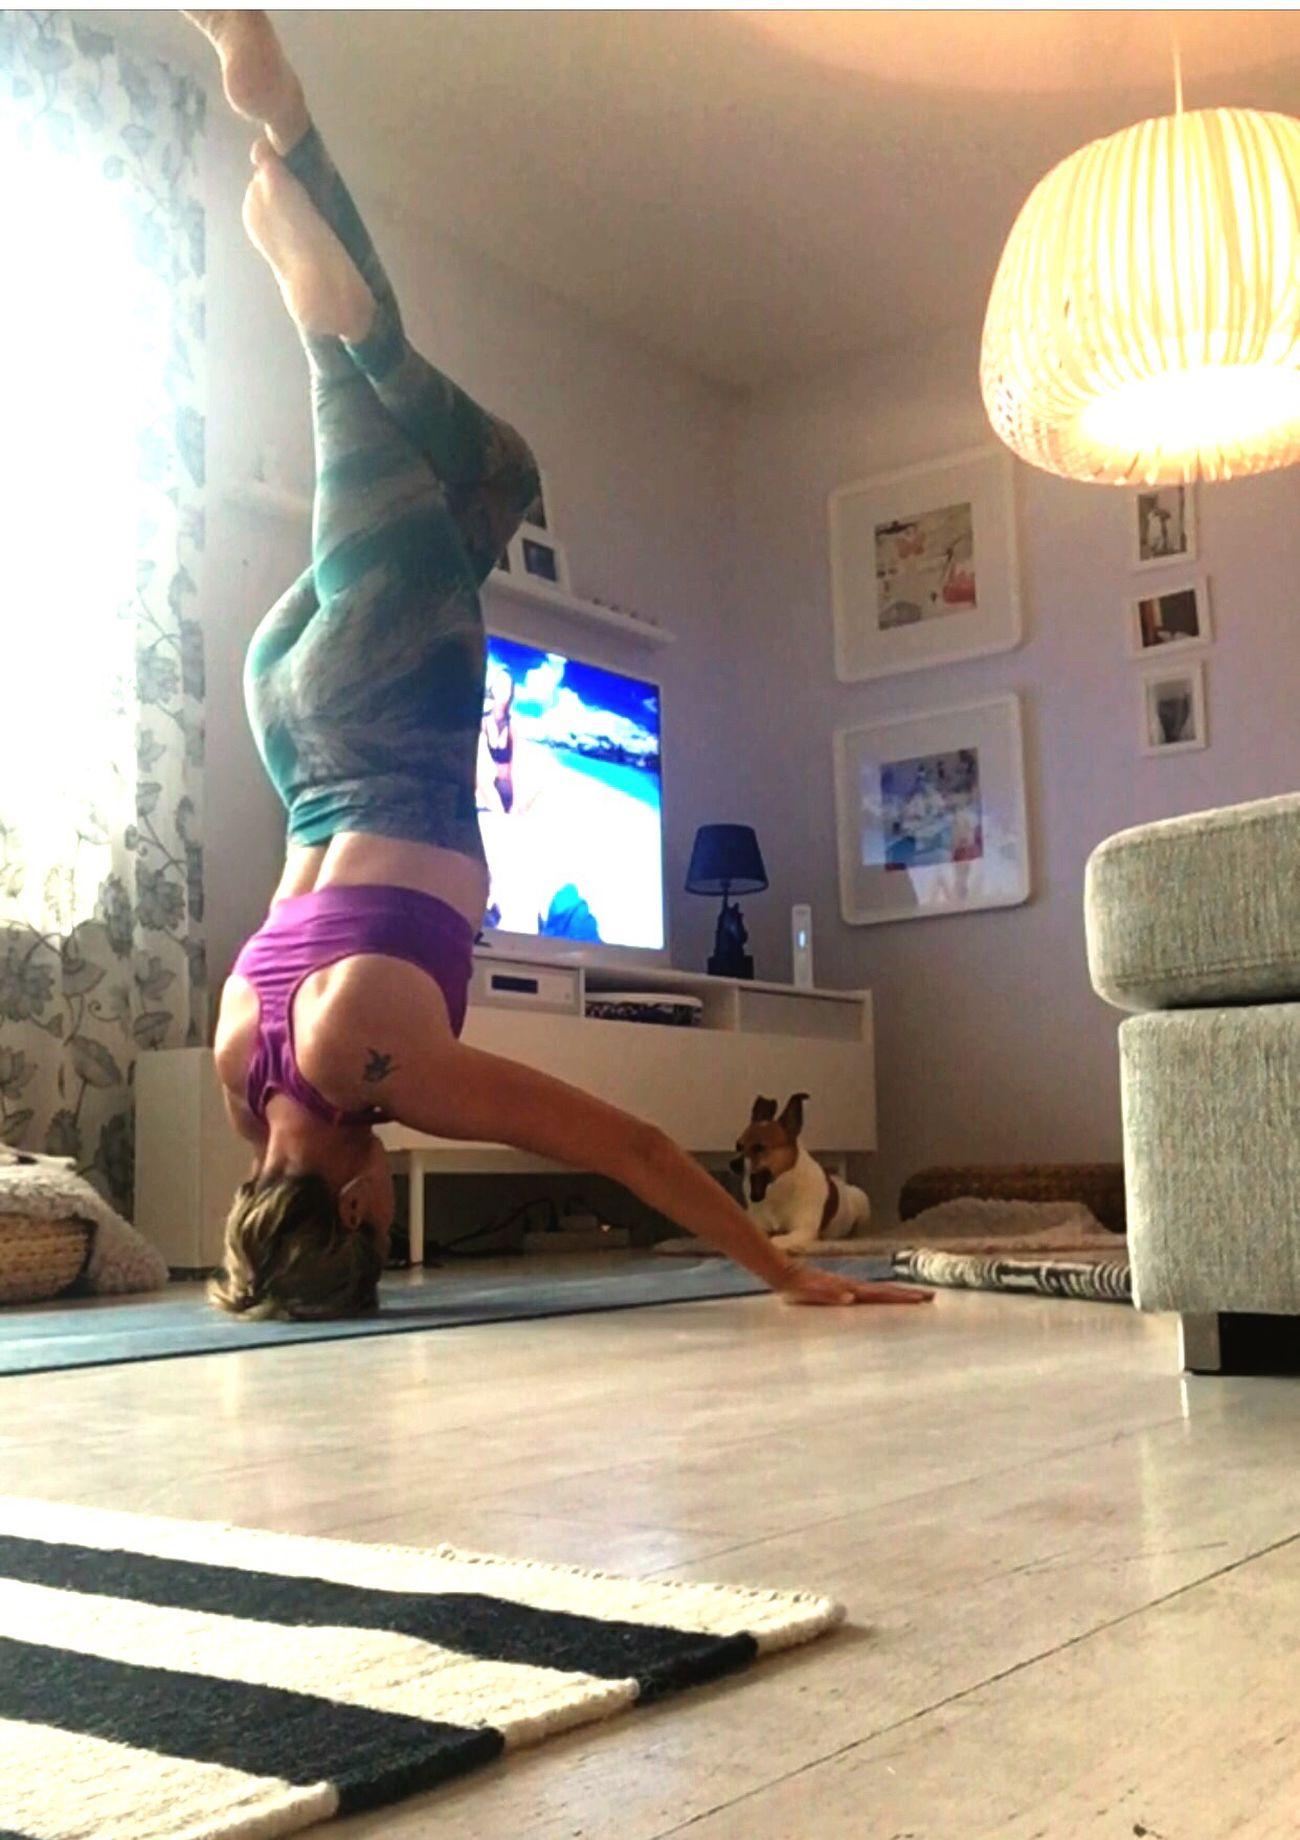 Rawbeauty Yogini Yogaeverydamnday Practiceandalliscoming Yogainspiration Selfie ✌ Eyemselfie Sweden